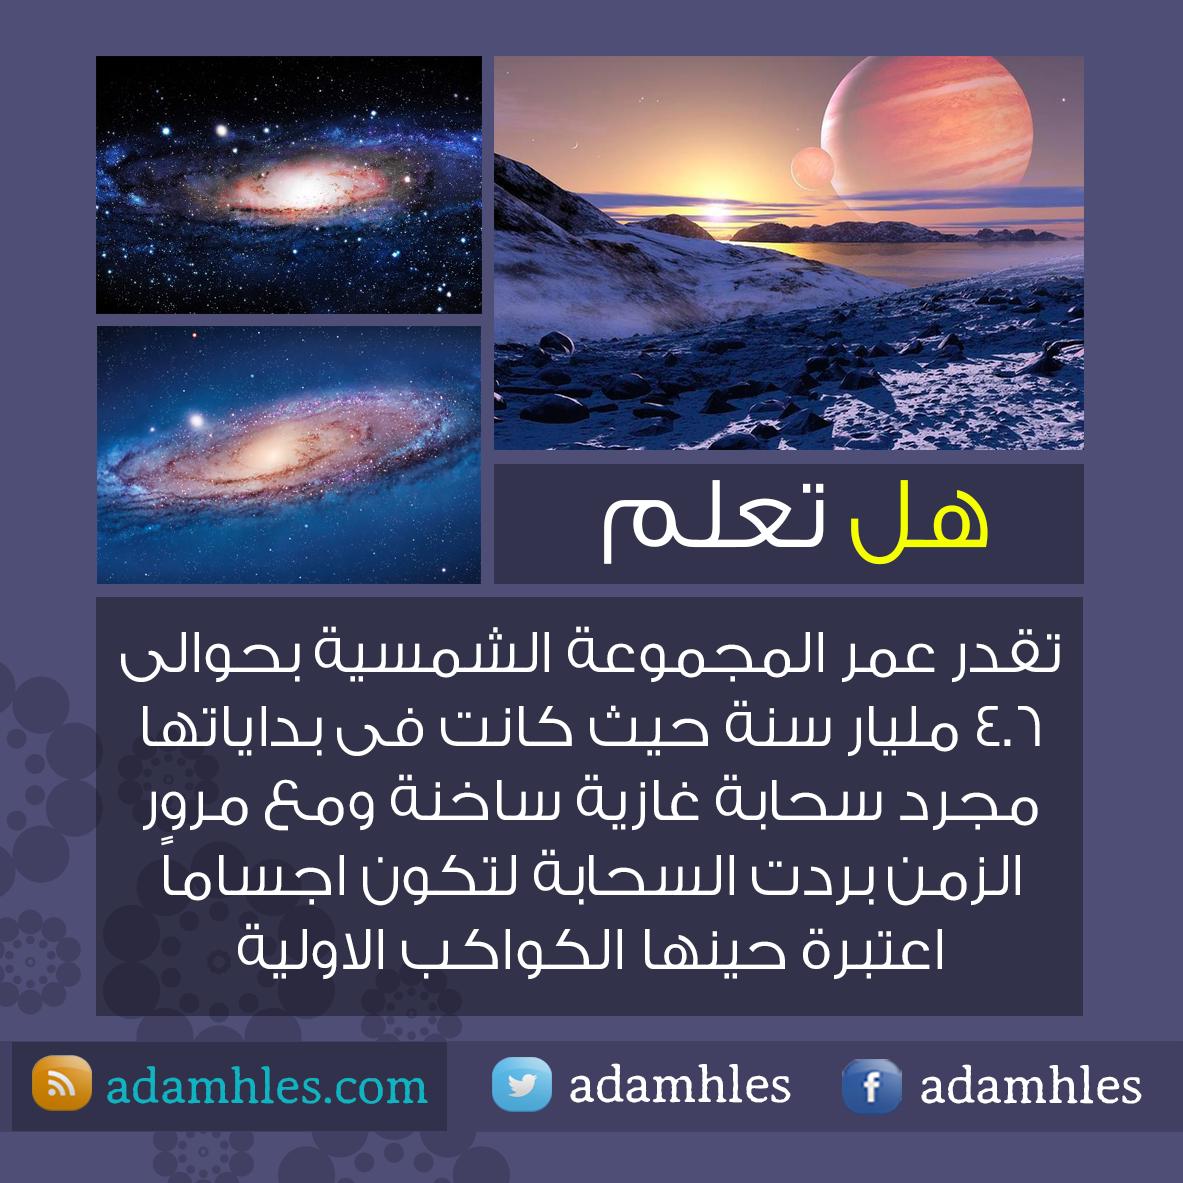 المصمم ادم حلس هل تعلم عن المجموعة الشمسية Website E 7 Resources